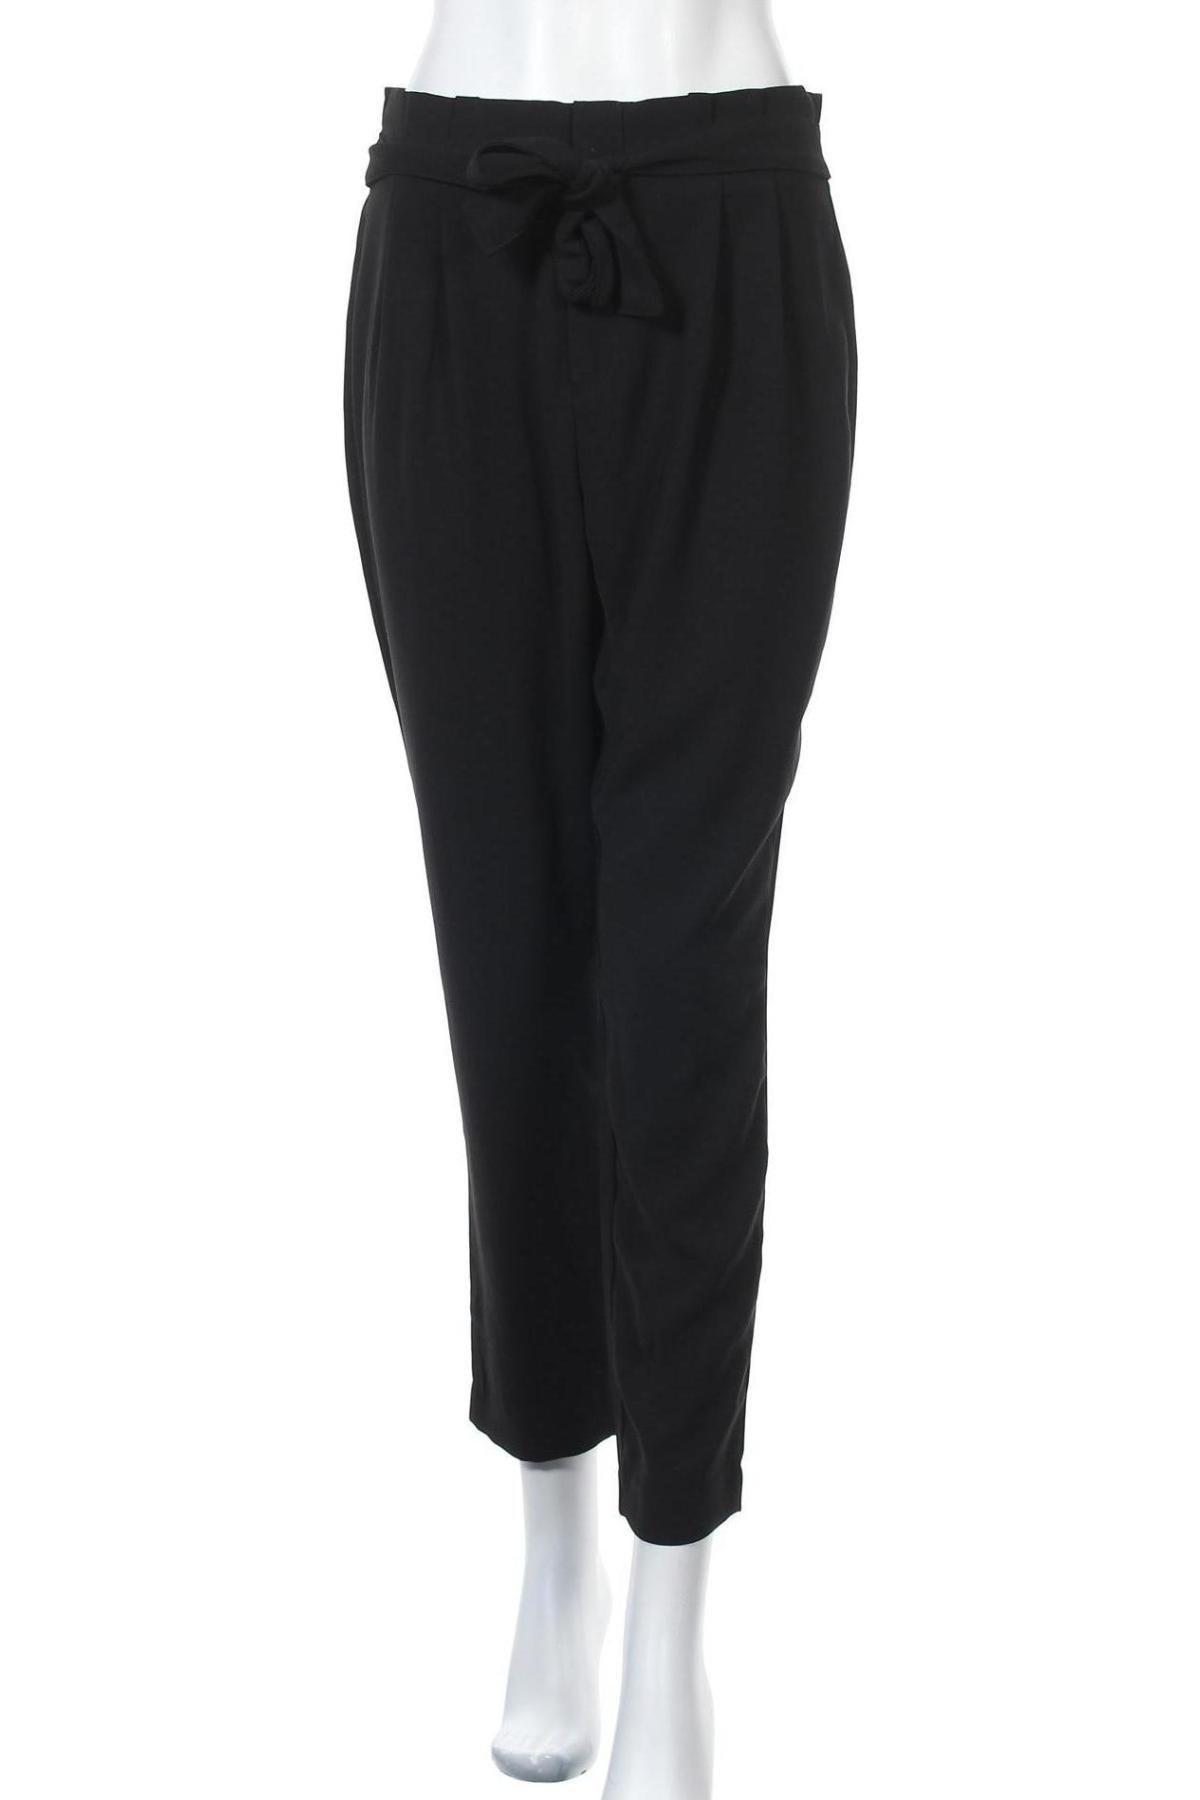 Дамски панталон ONLY, Размер M, Цвят Черен, Полиестер, Цена 17,16лв.